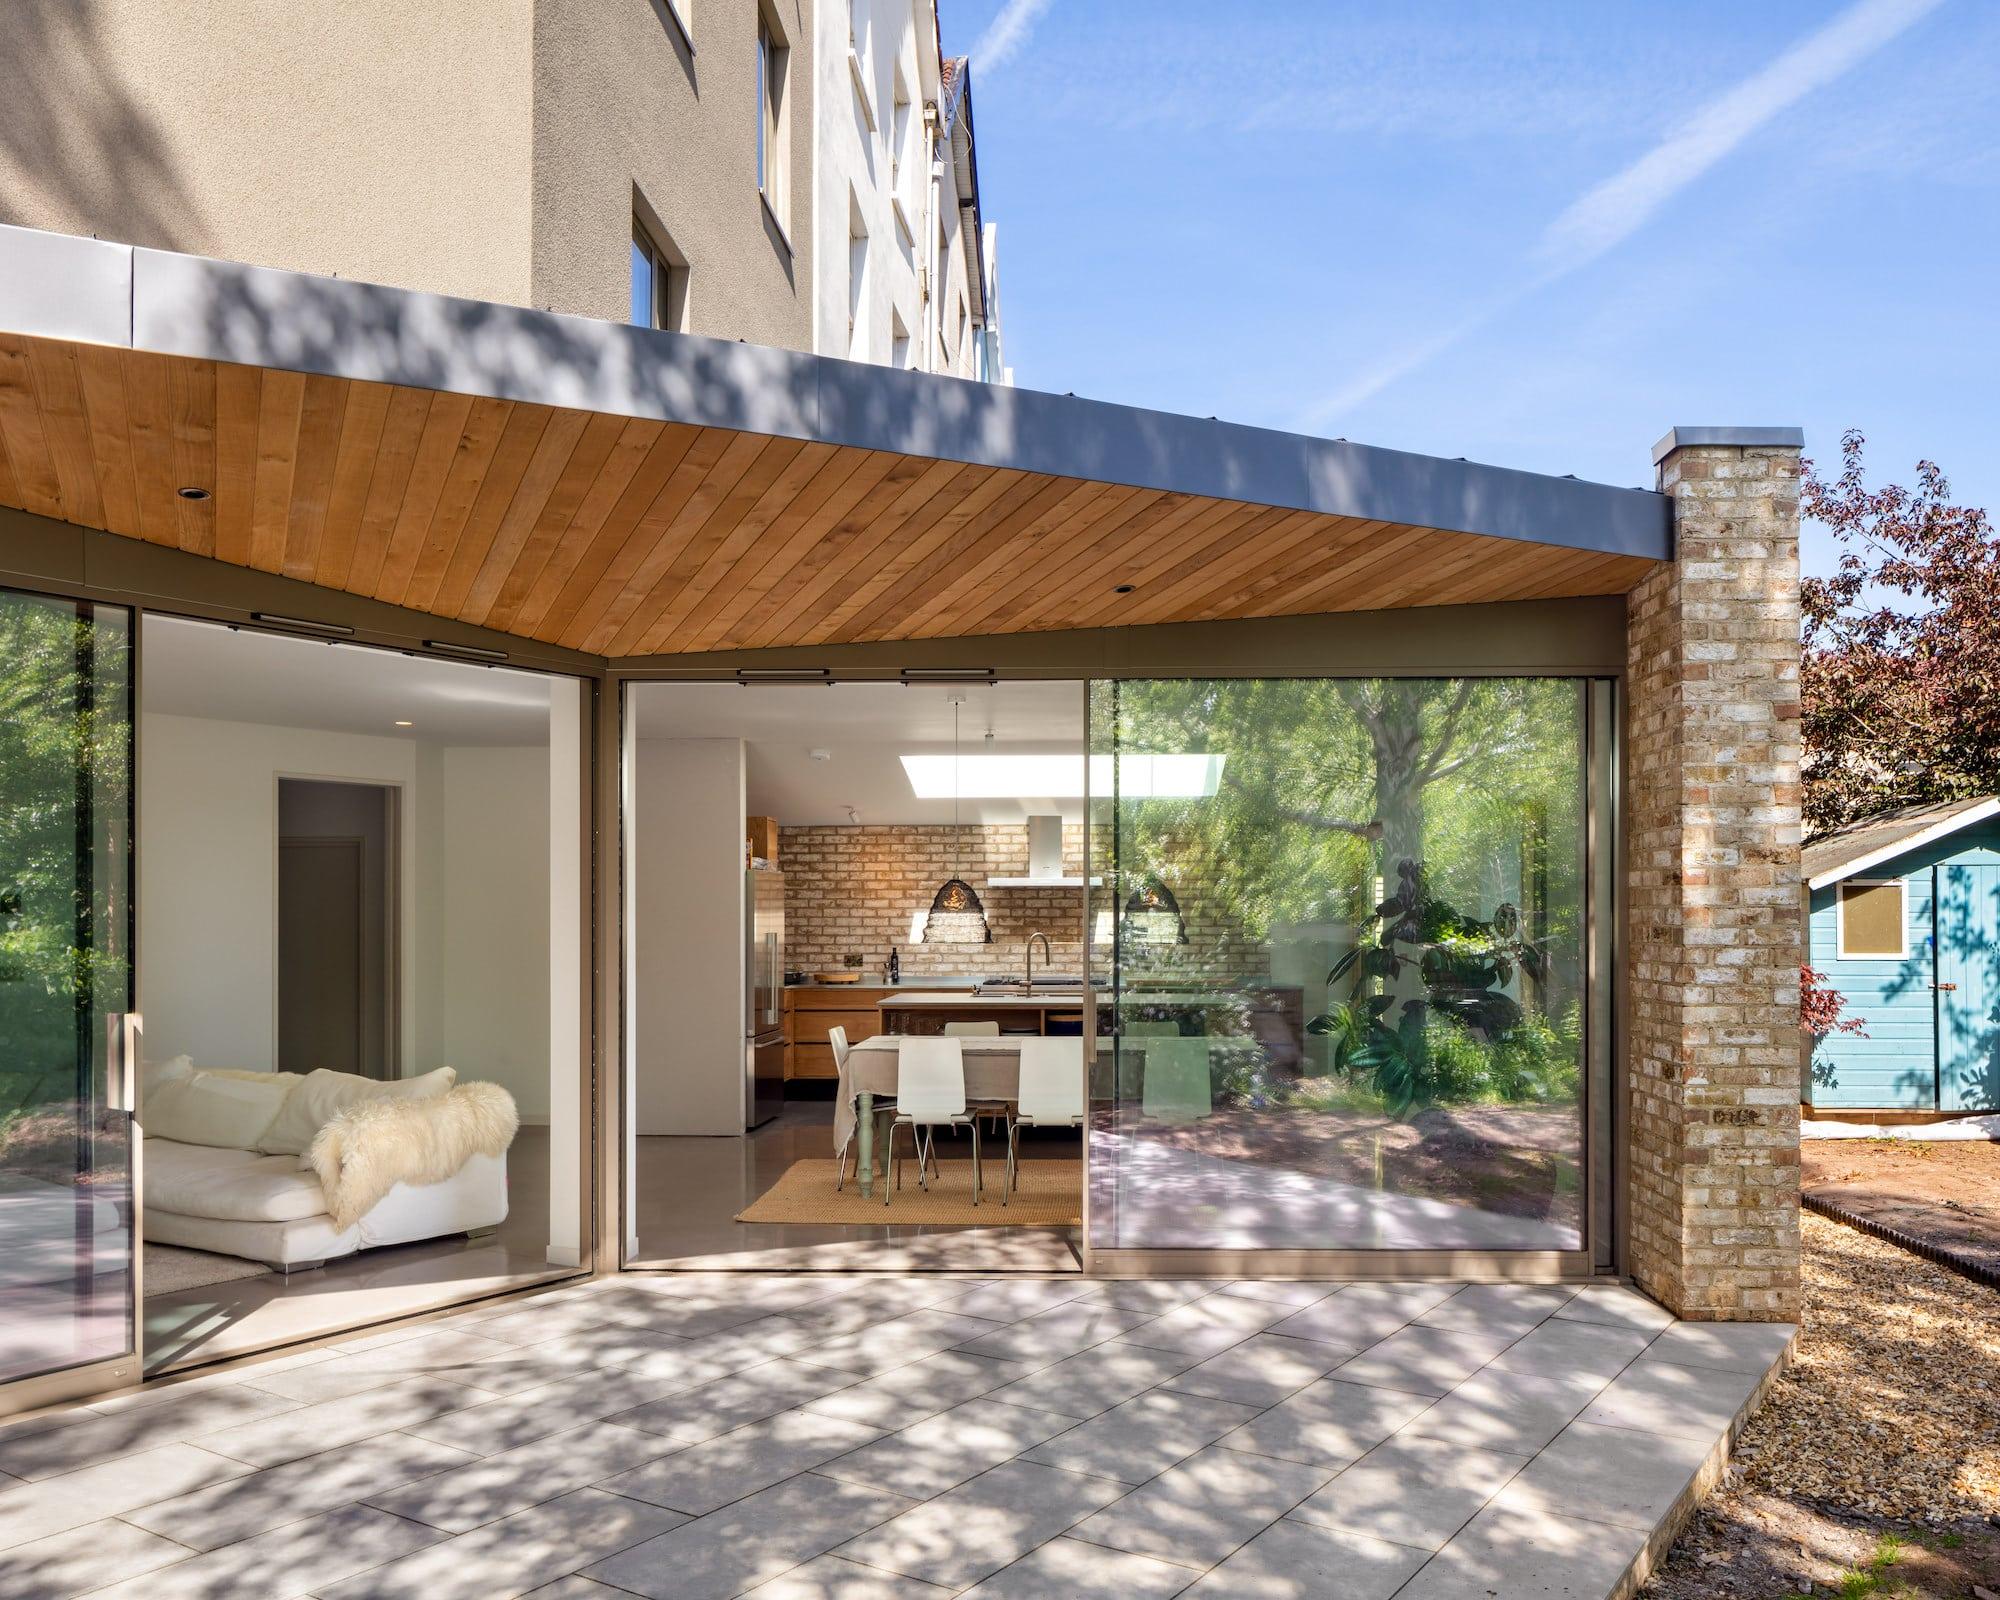 Kitchen patio, House in Redland,